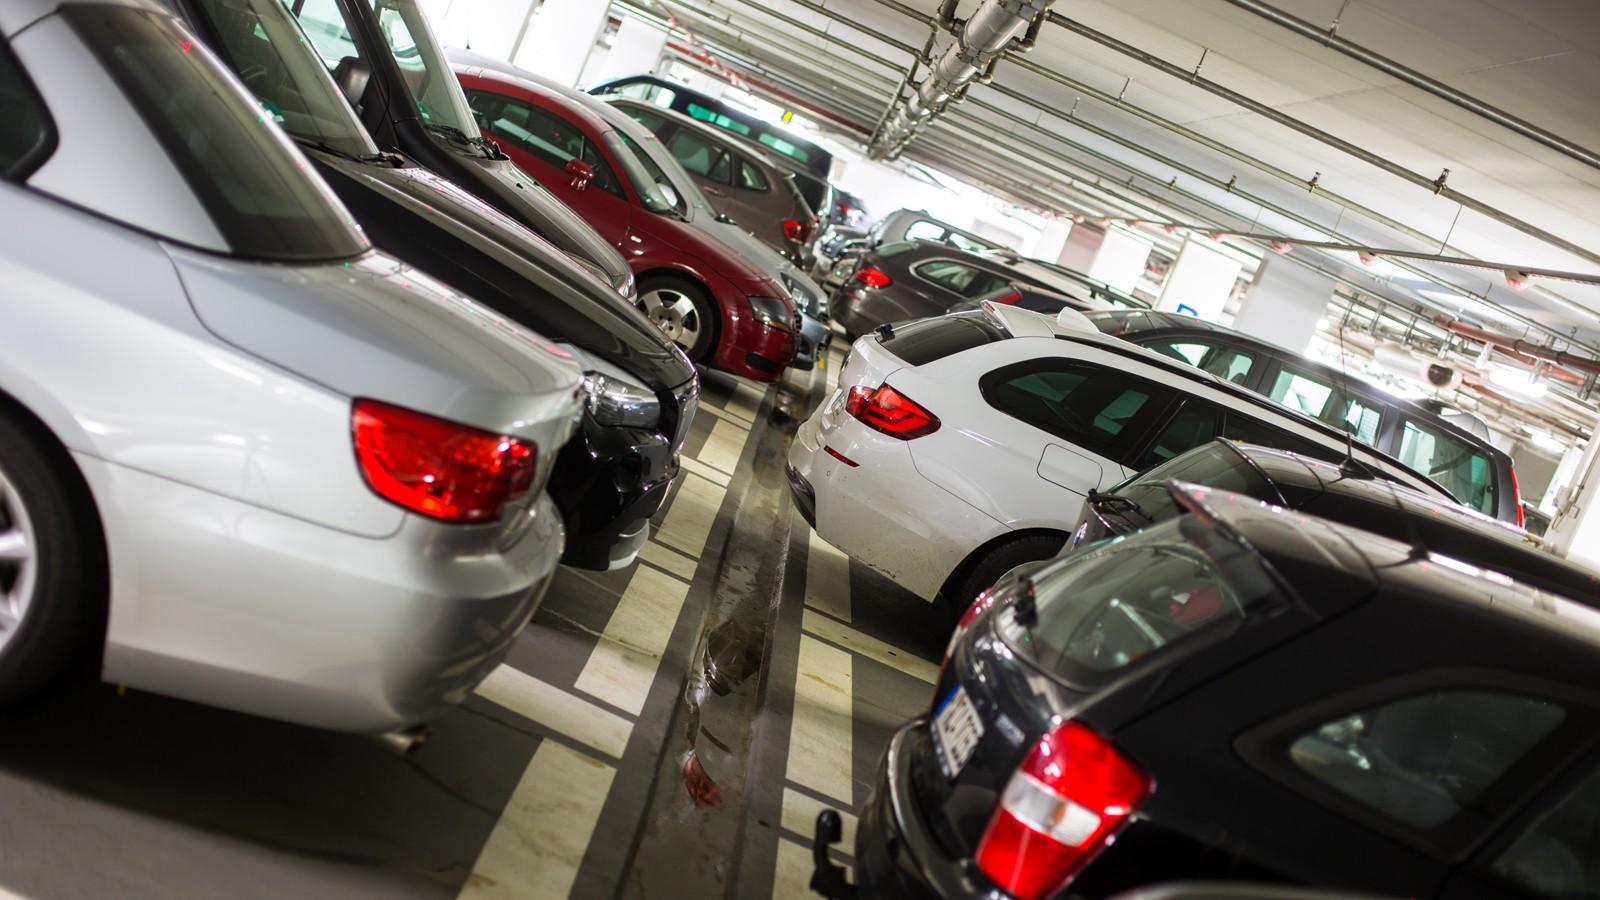 Underground parking/garage